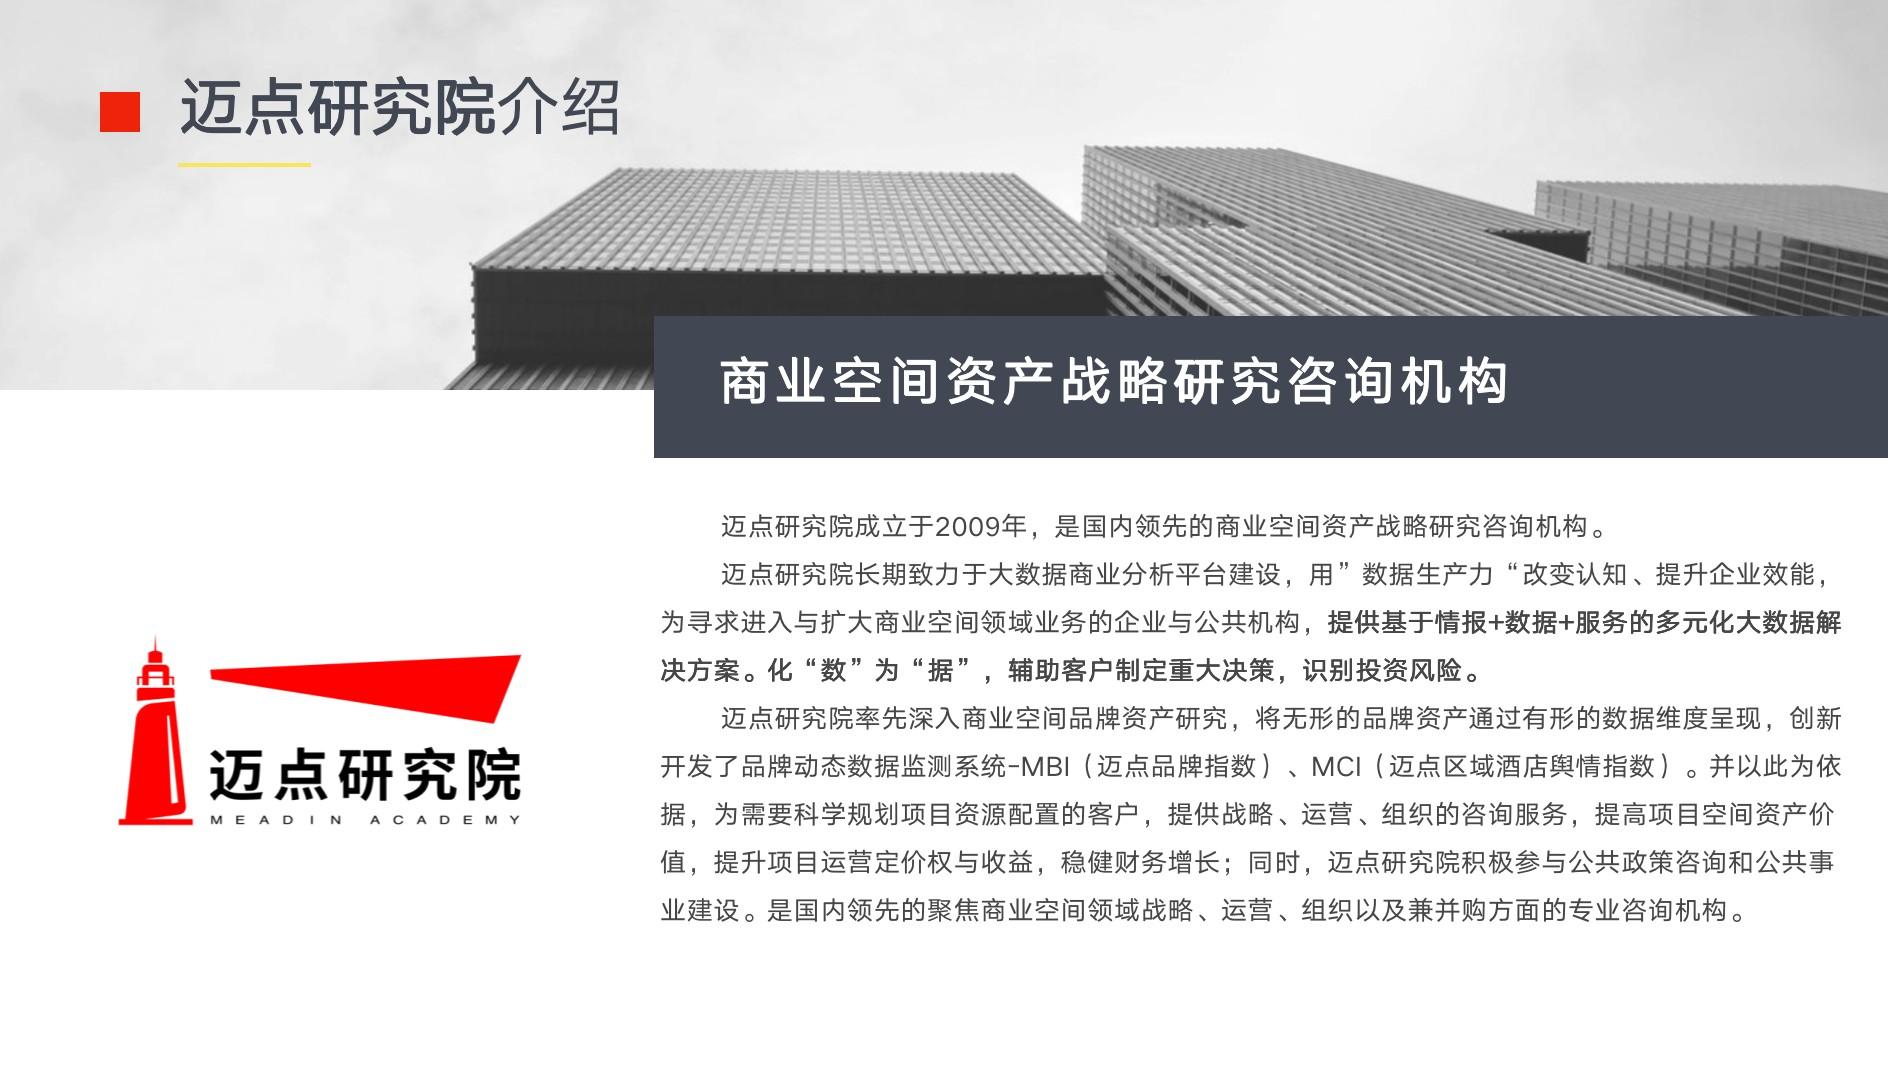 """侣行家公寓斩获迈点网MBI榜""""全国短租公寓品牌TOP5""""的佳绩"""